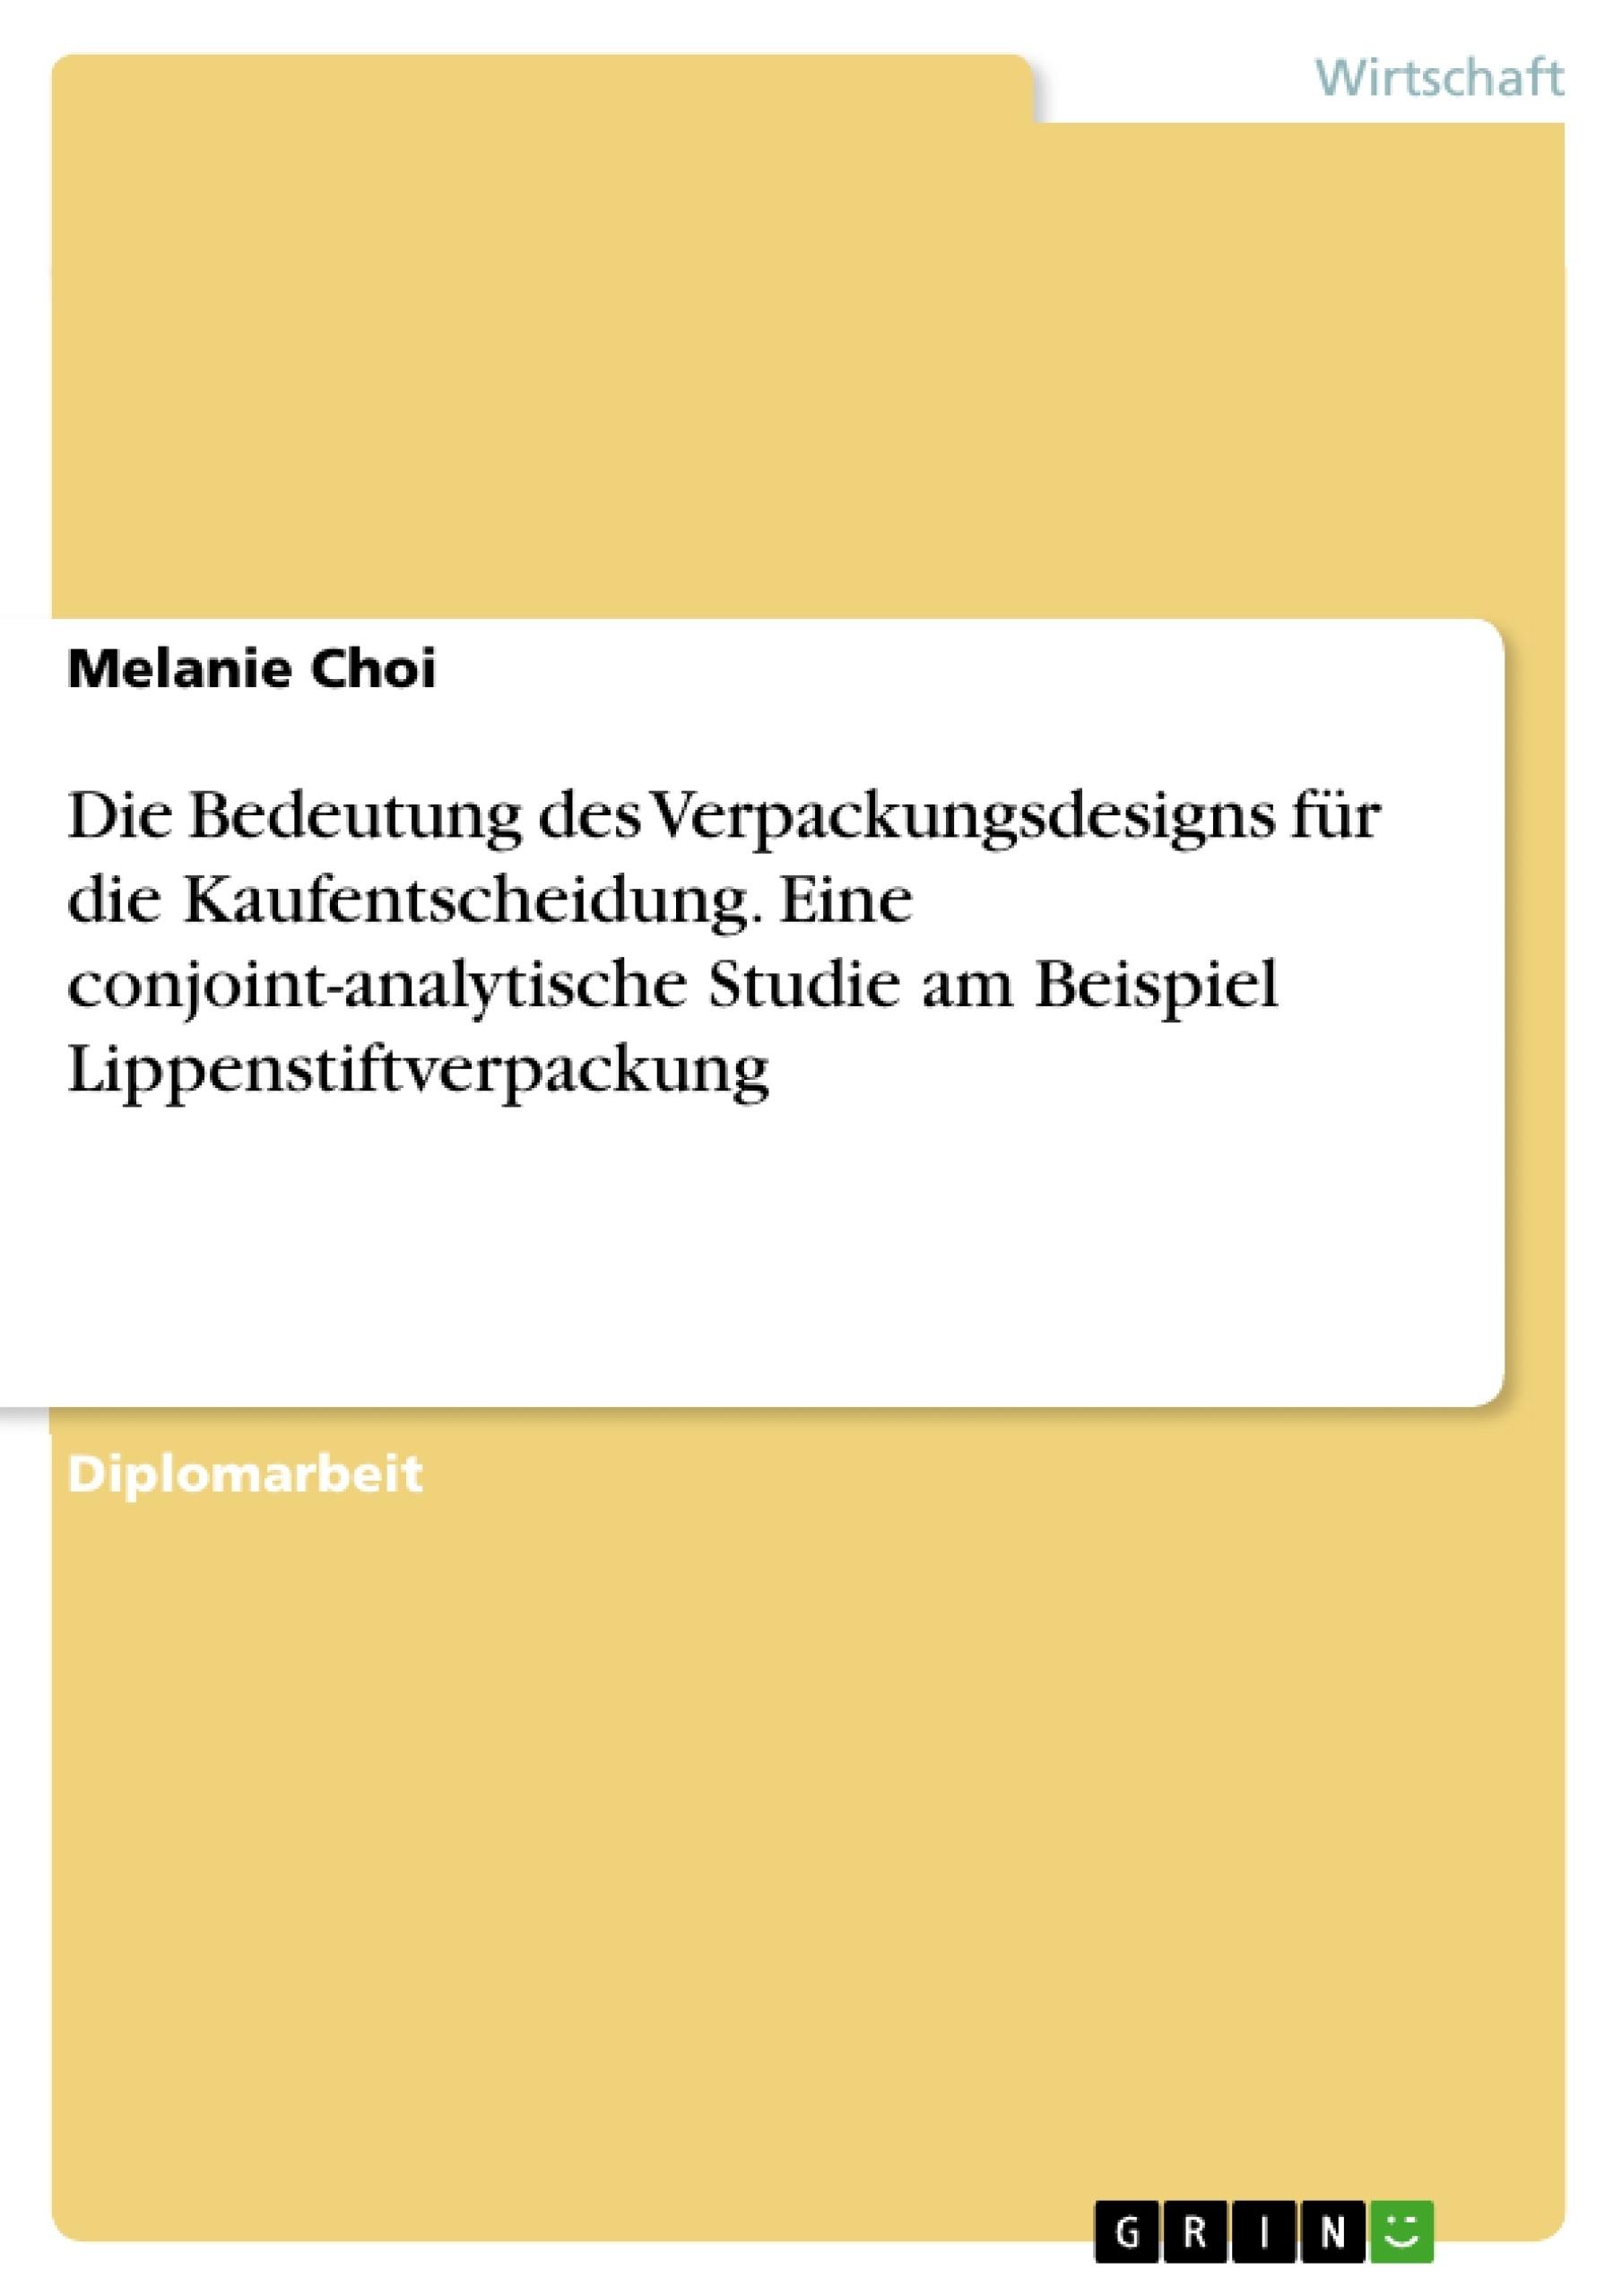 Titel: Die Bedeutung des Verpackungsdesigns für die Kaufentscheidung. Eine conjoint-analytische Studie am Beispiel Lippenstiftverpackung